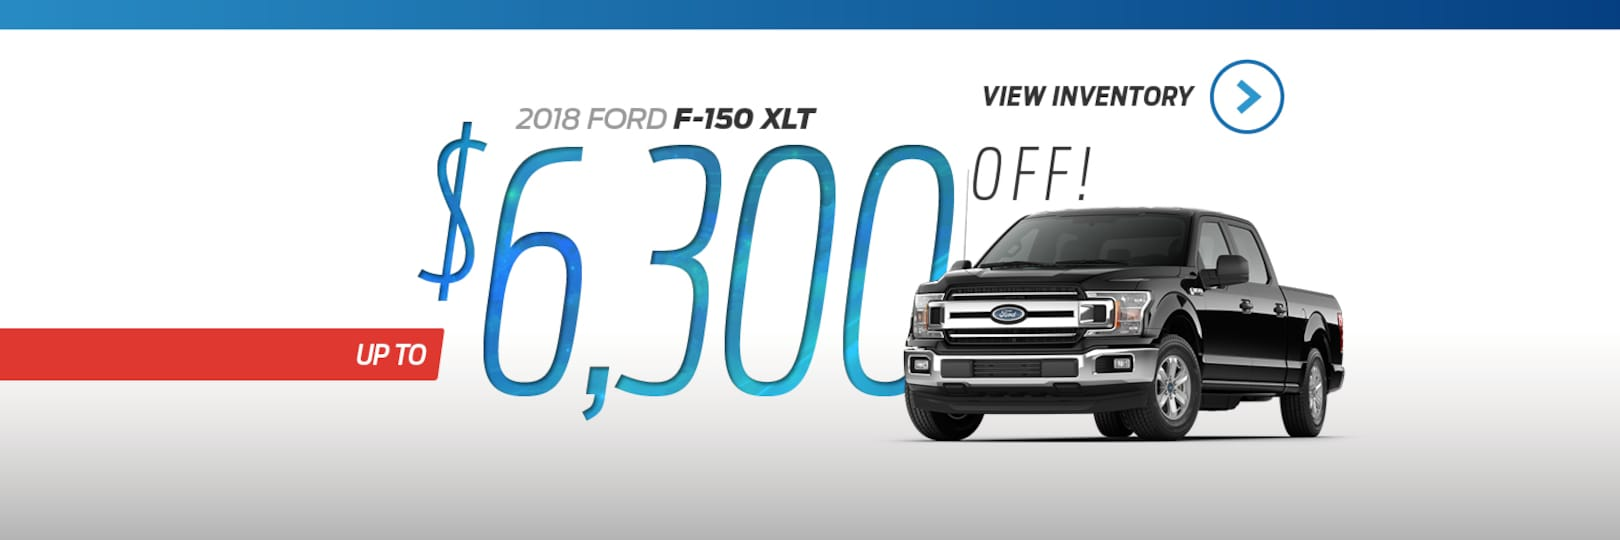 Corwin Ford Tri Cities >> Corwin Ford Tri-Cities Ford Dealer in Pasco Kennewick Yakima Washington WA 509-544-8000